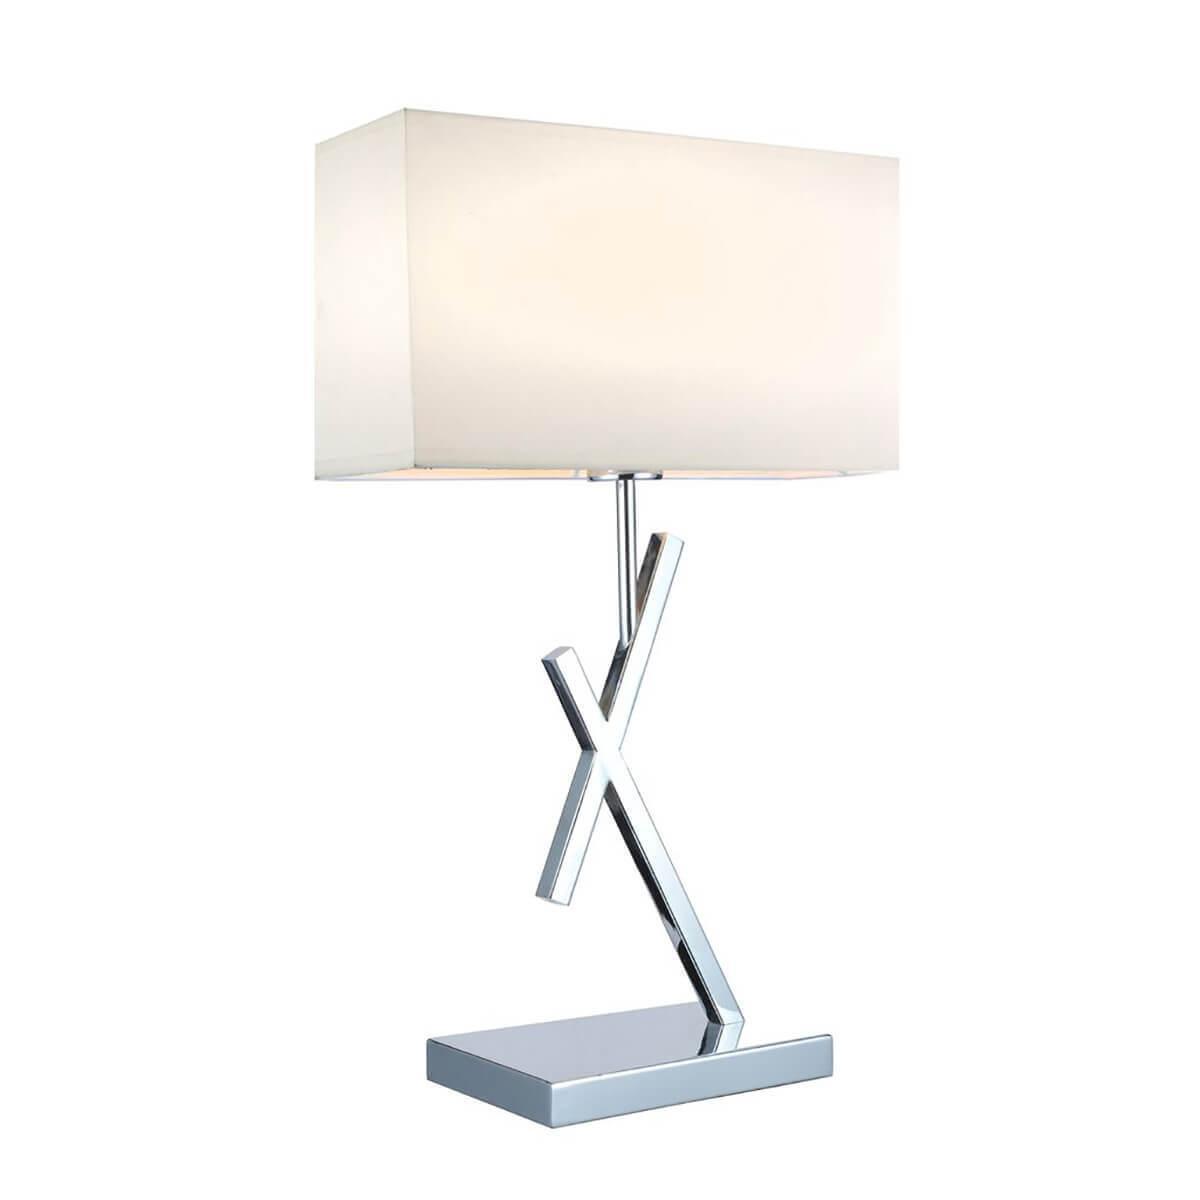 Настольный светильник Omnilux OML-61804-01, E27, 60 Вт